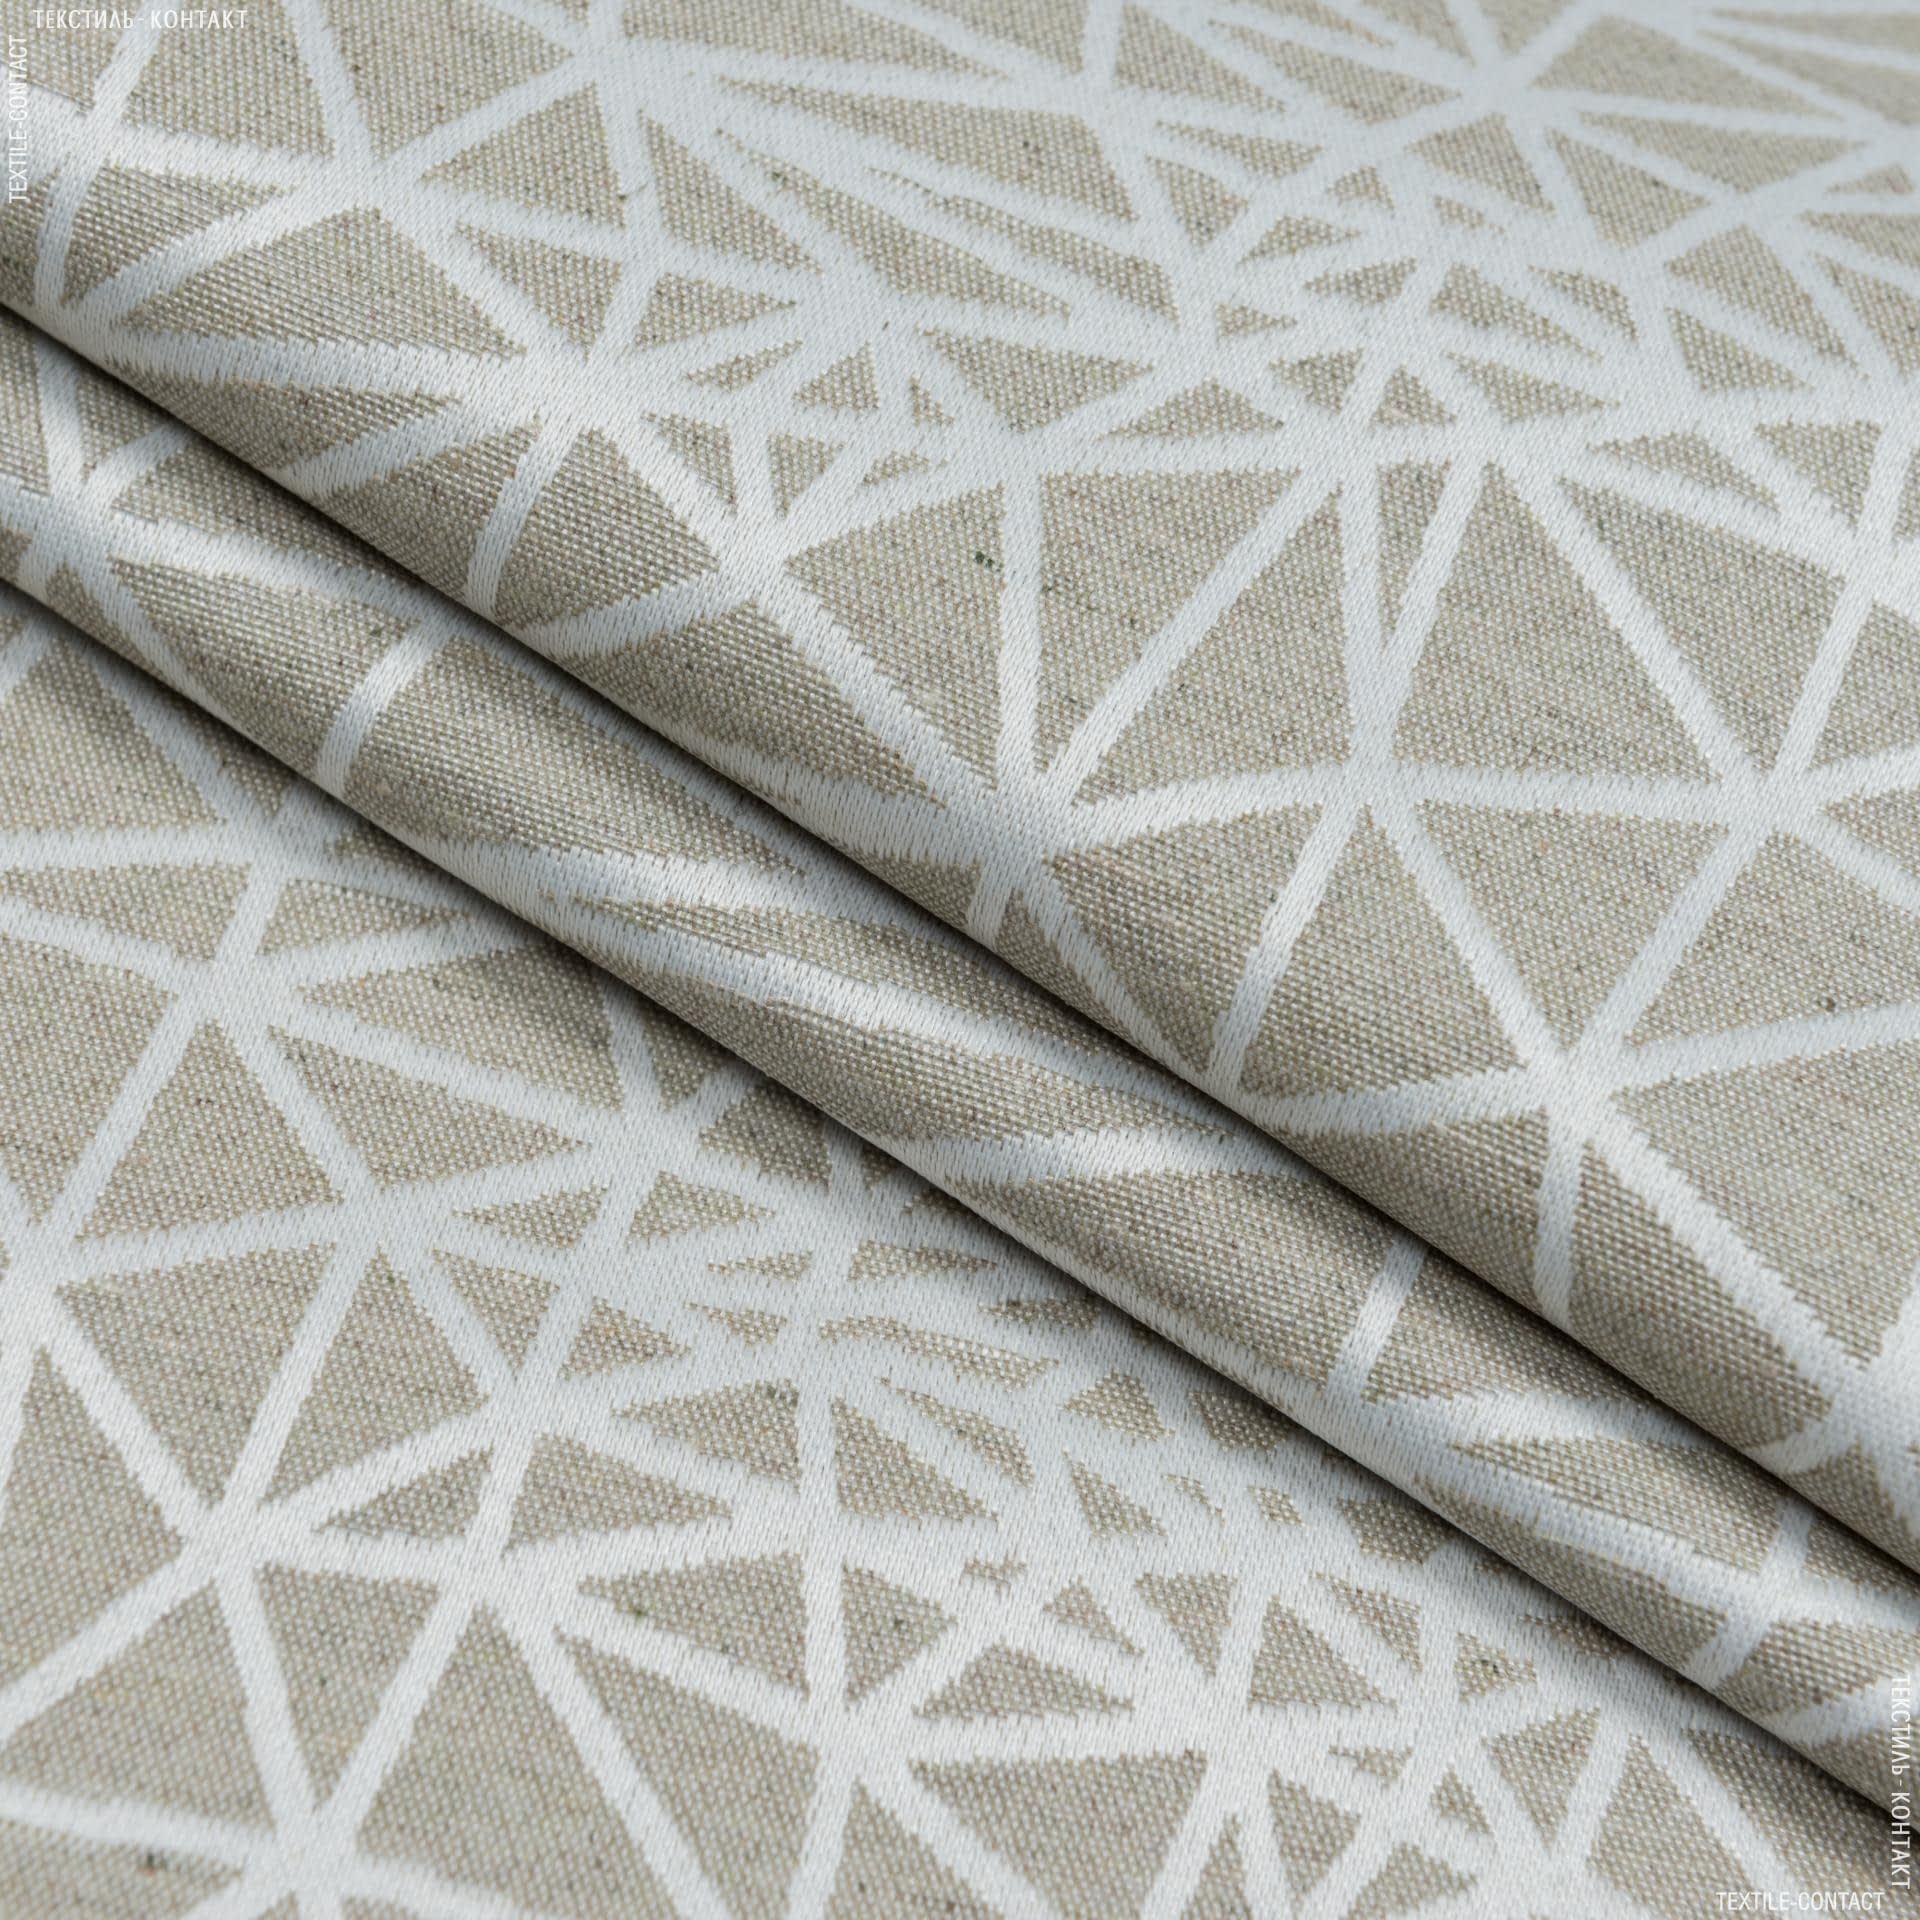 Ткани для скатертей - Ткань с акриловой пропиткой джени натуральный